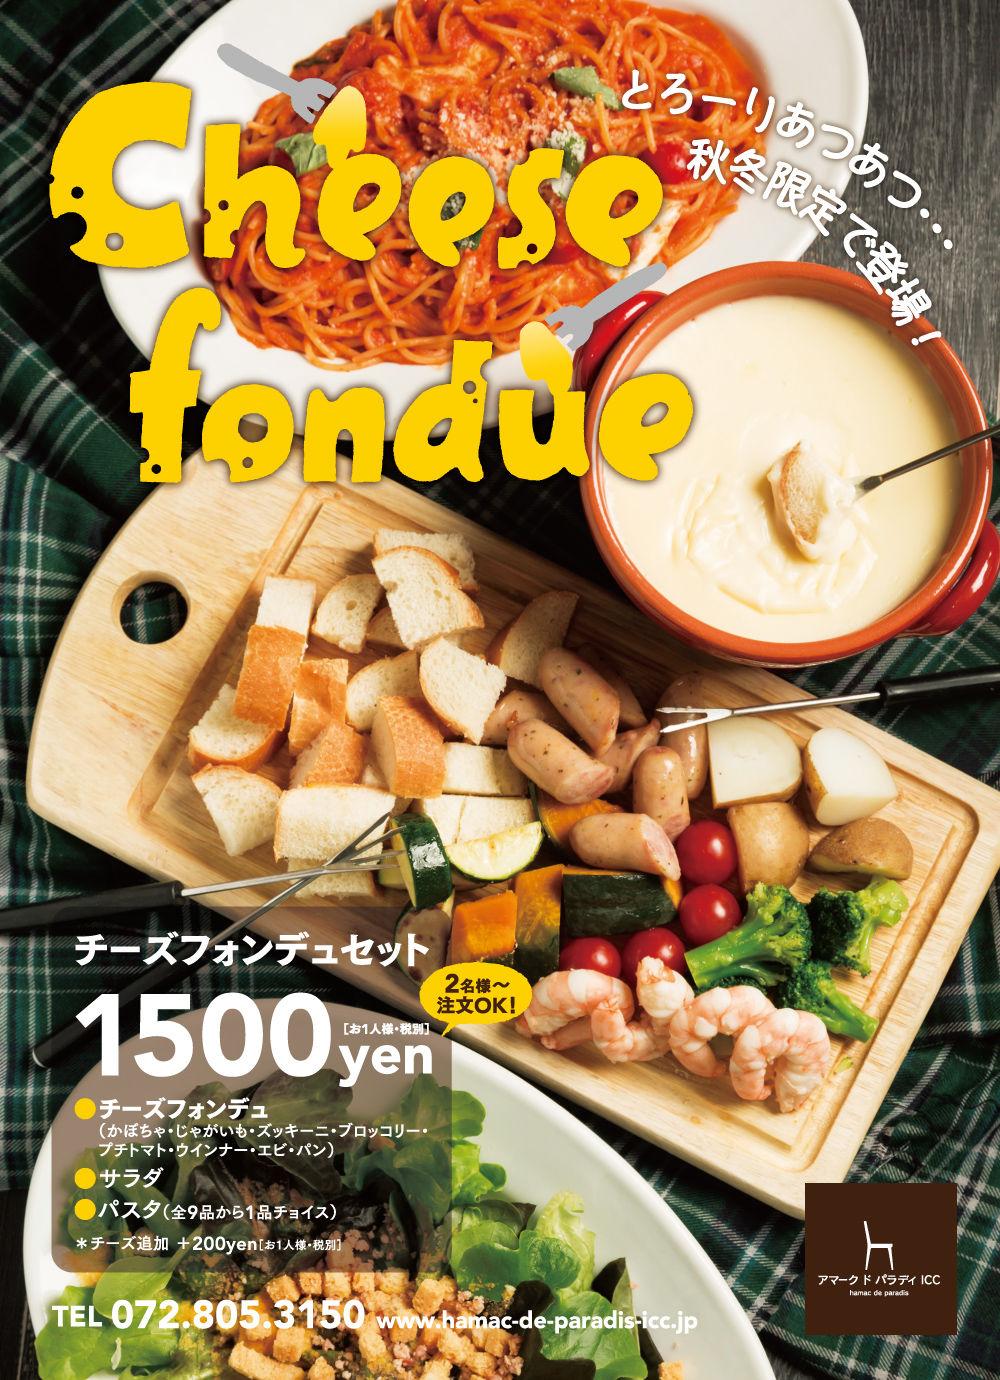 icc_1901_cheesefondue.jpg